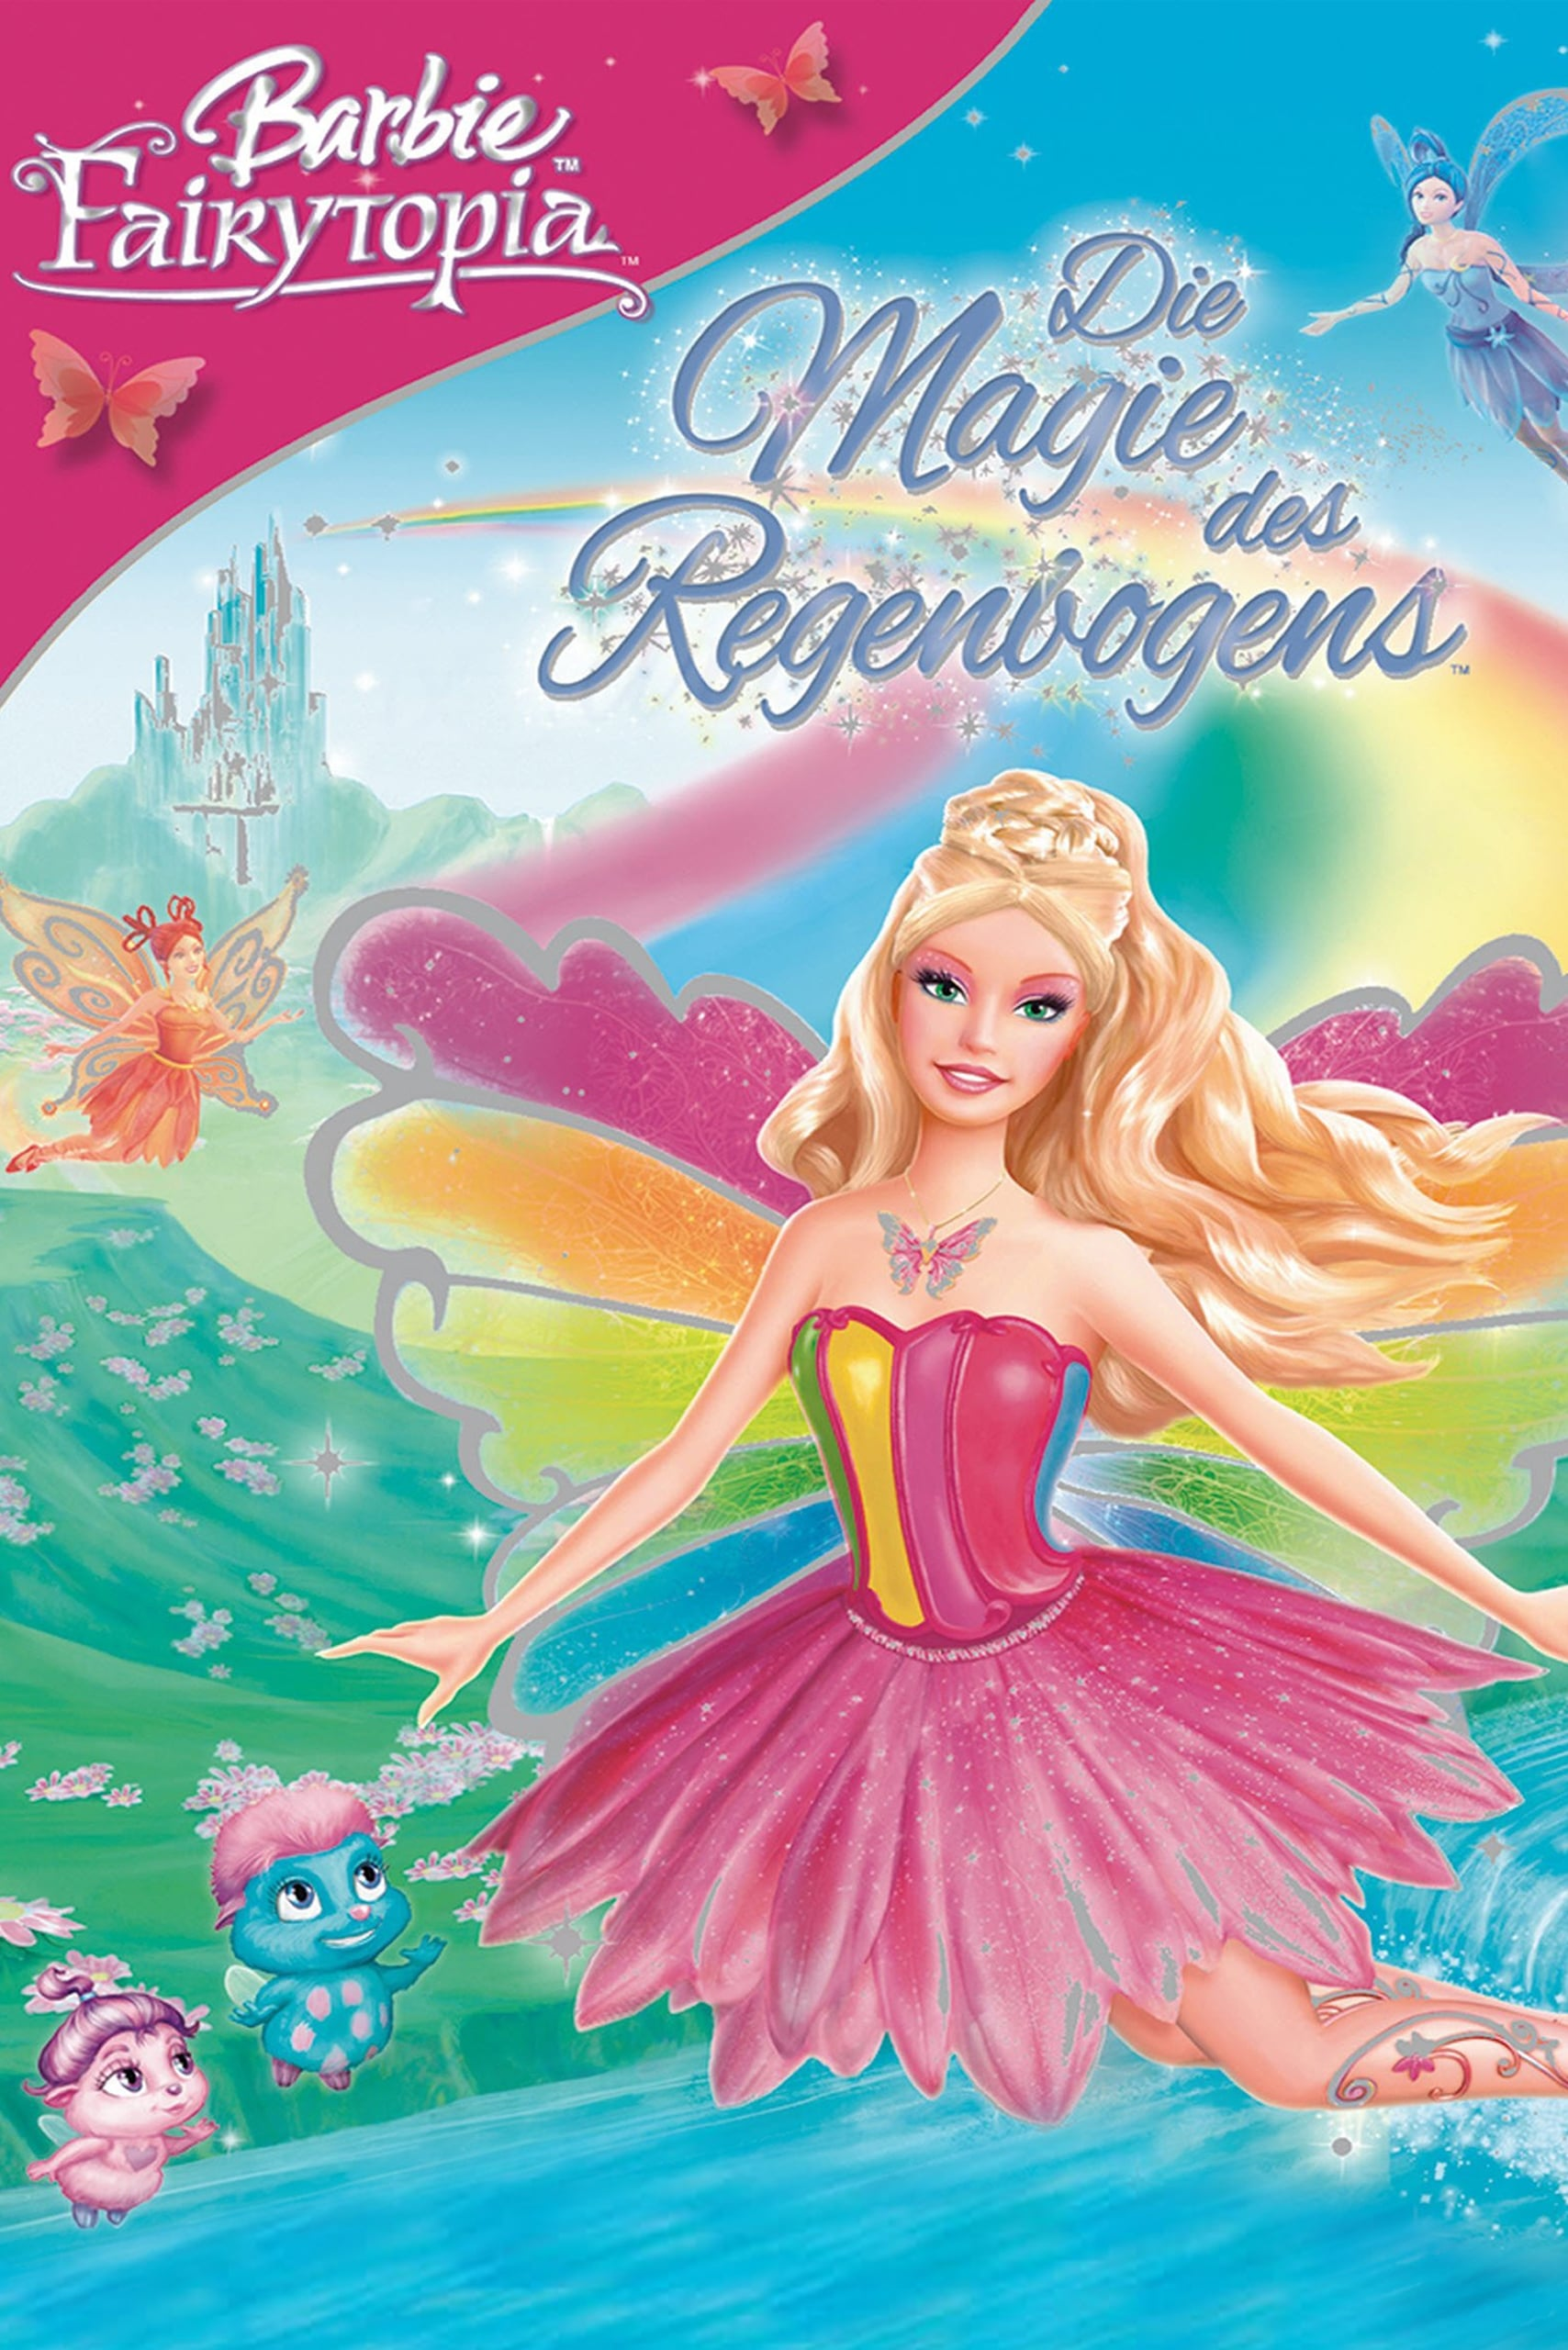 Barbie Fairytopia Deutsch